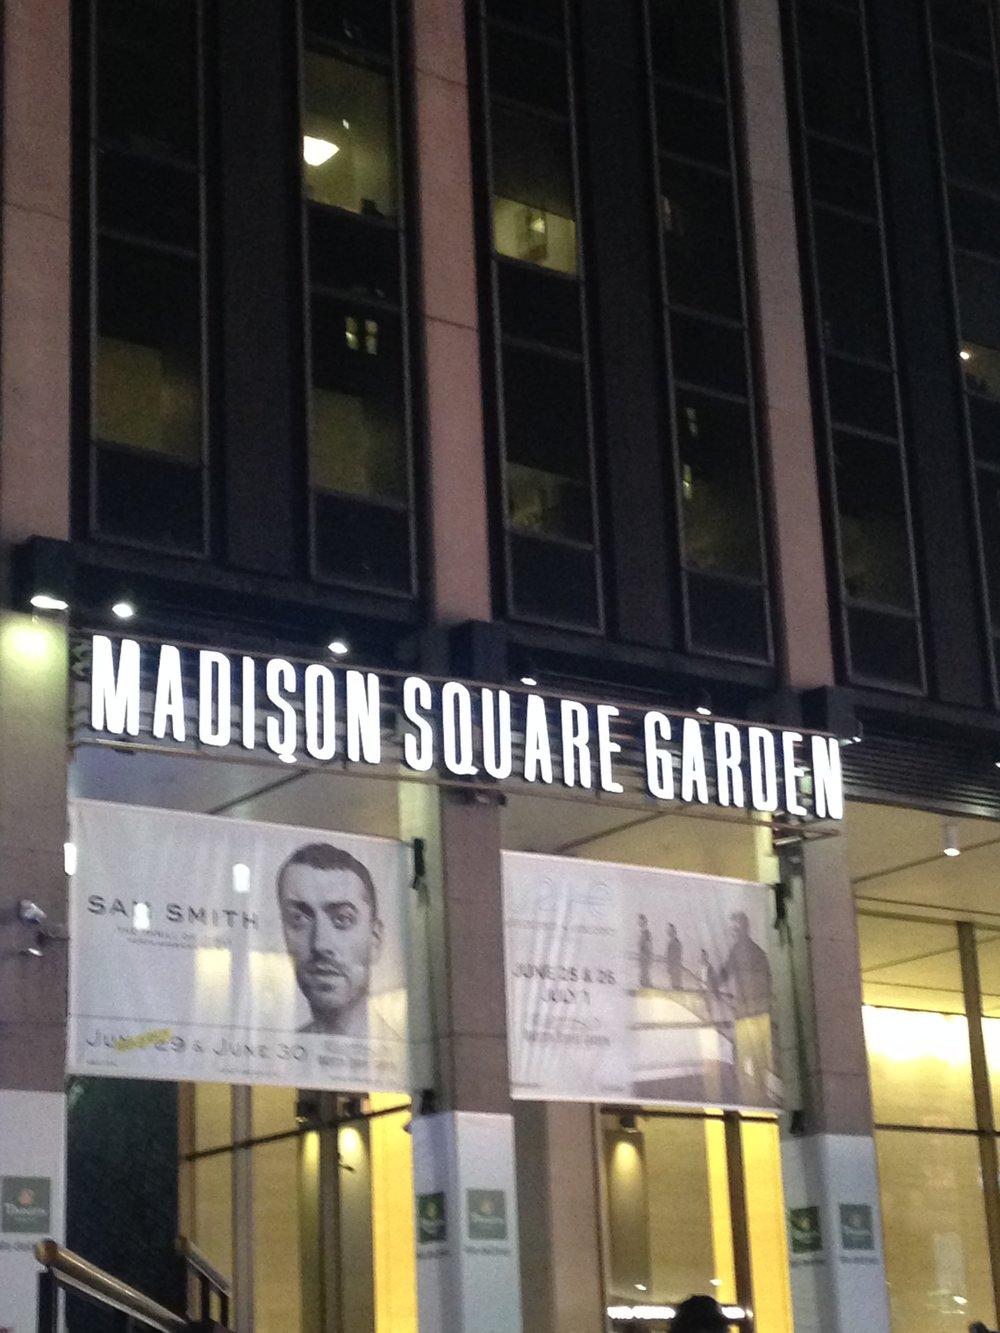 ^ Madison Sq. Garden